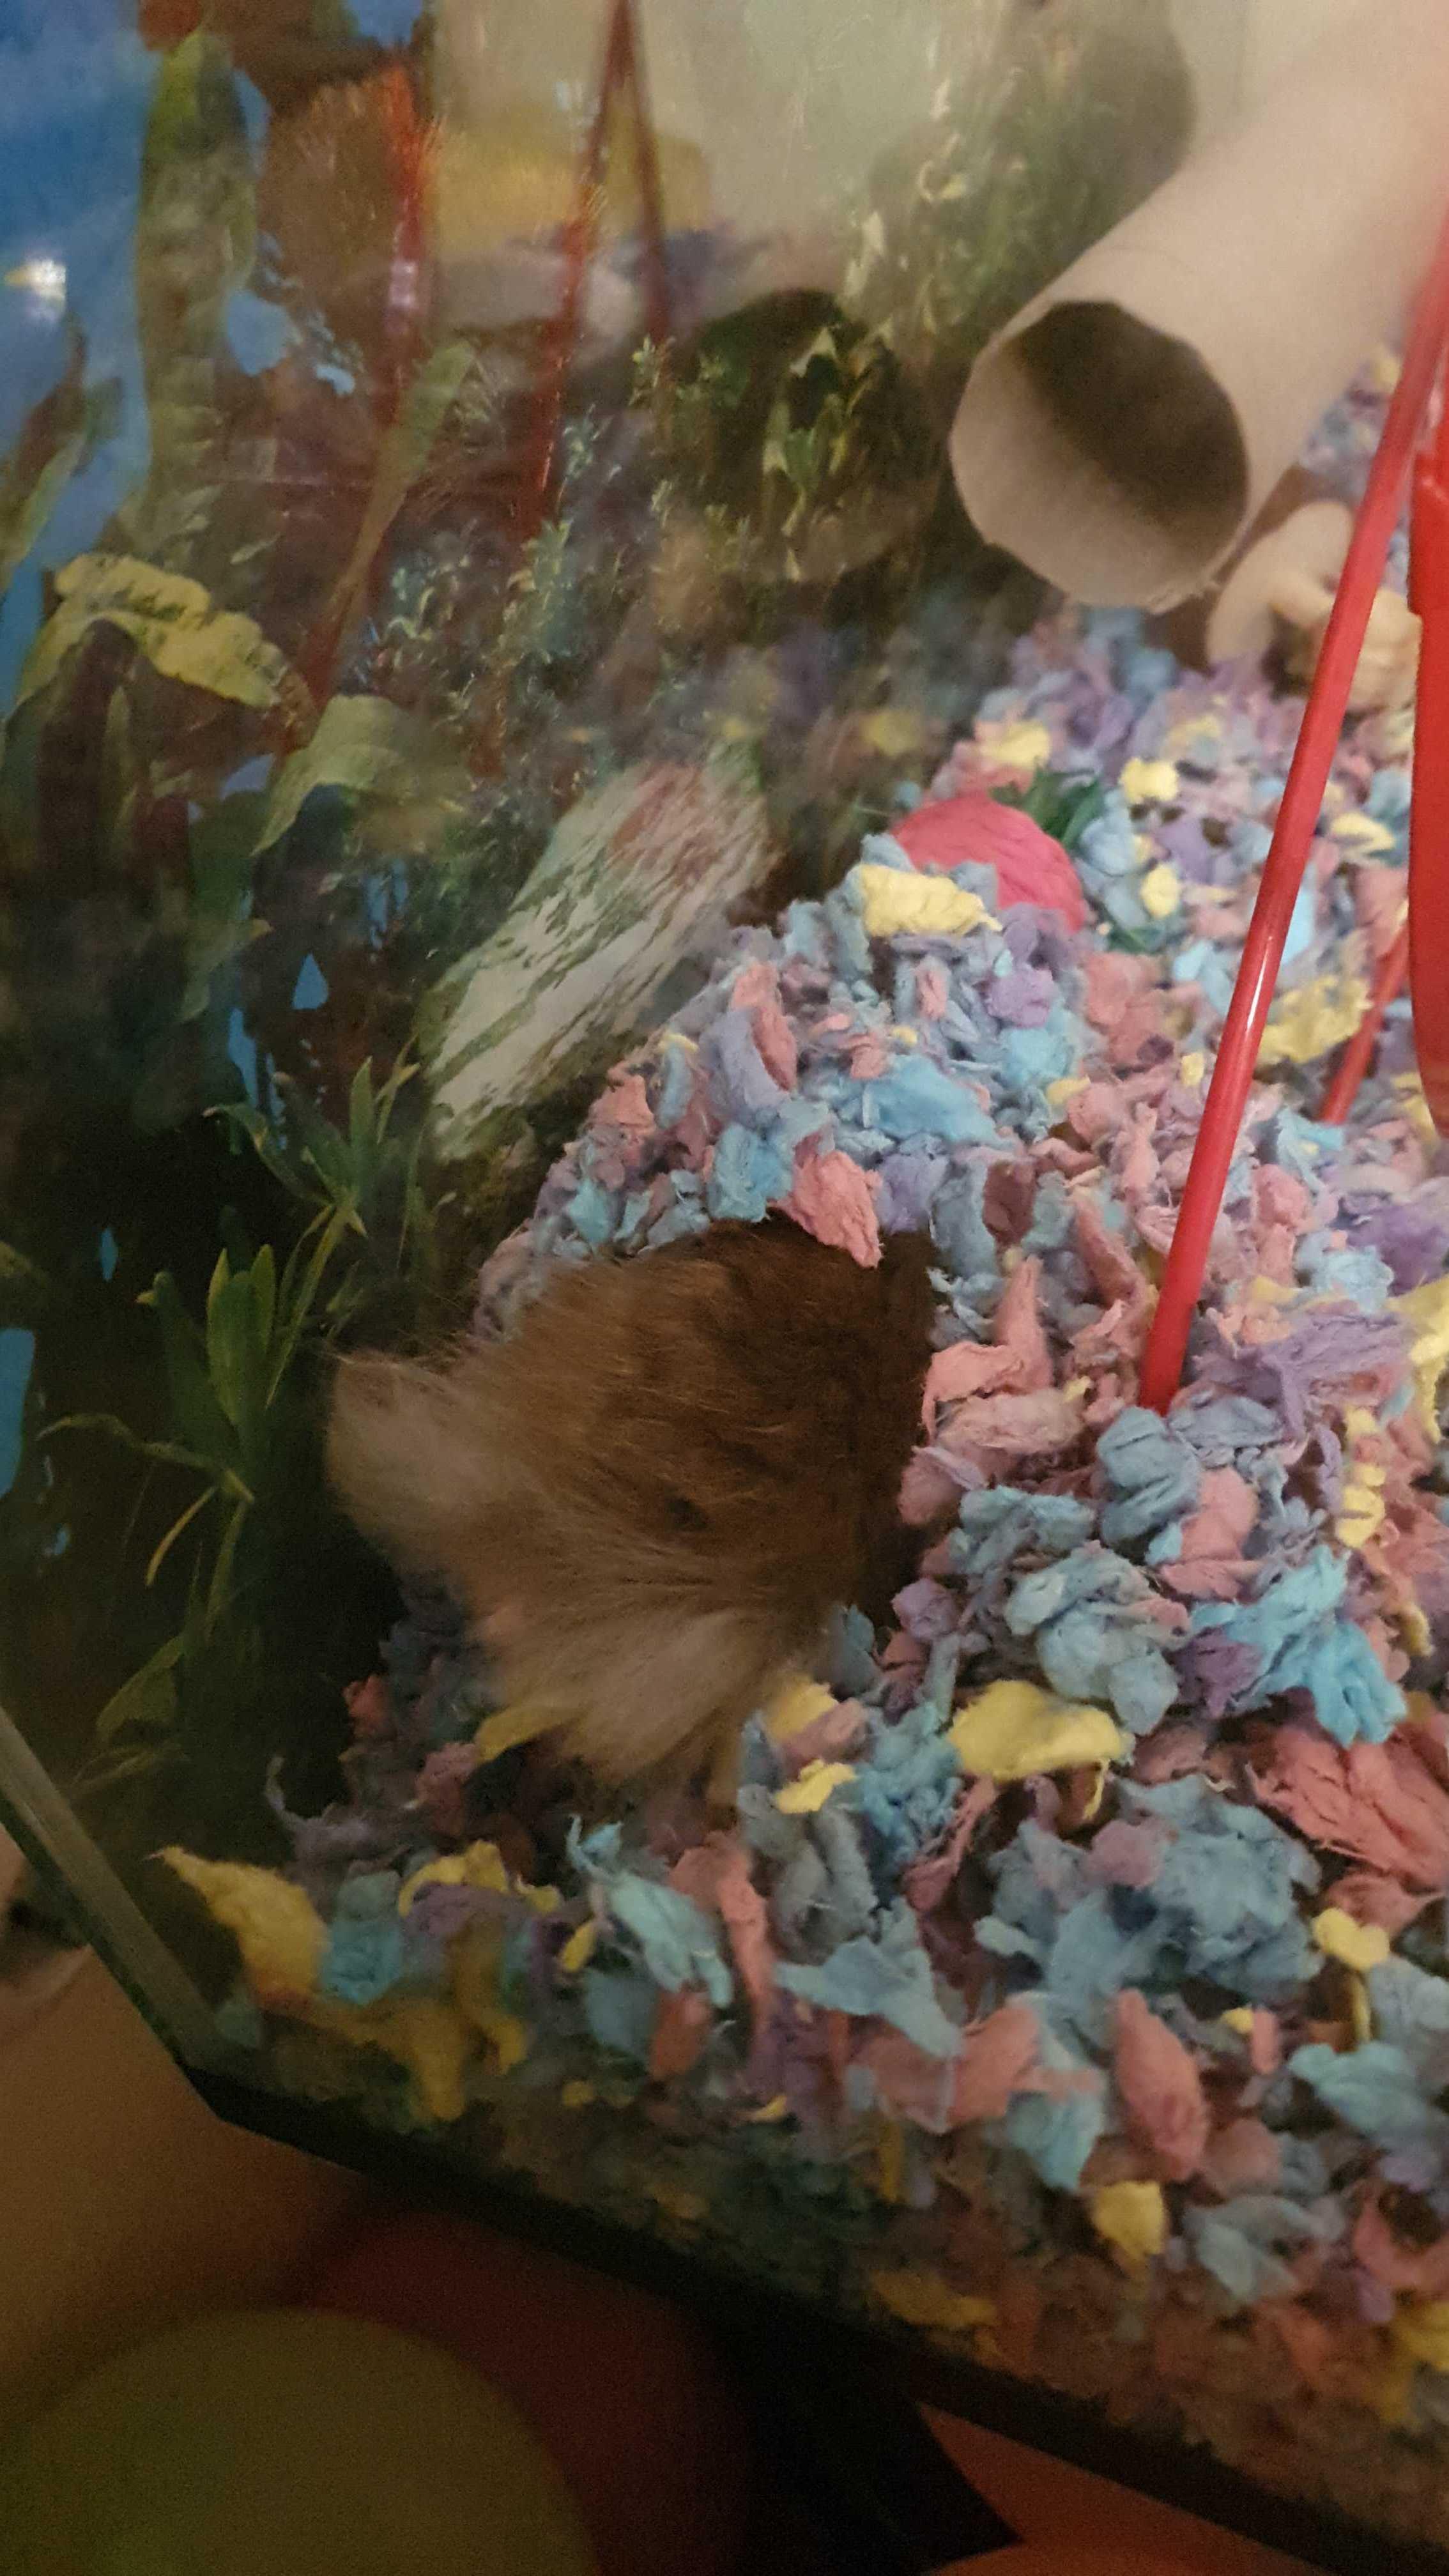 Hamster ass